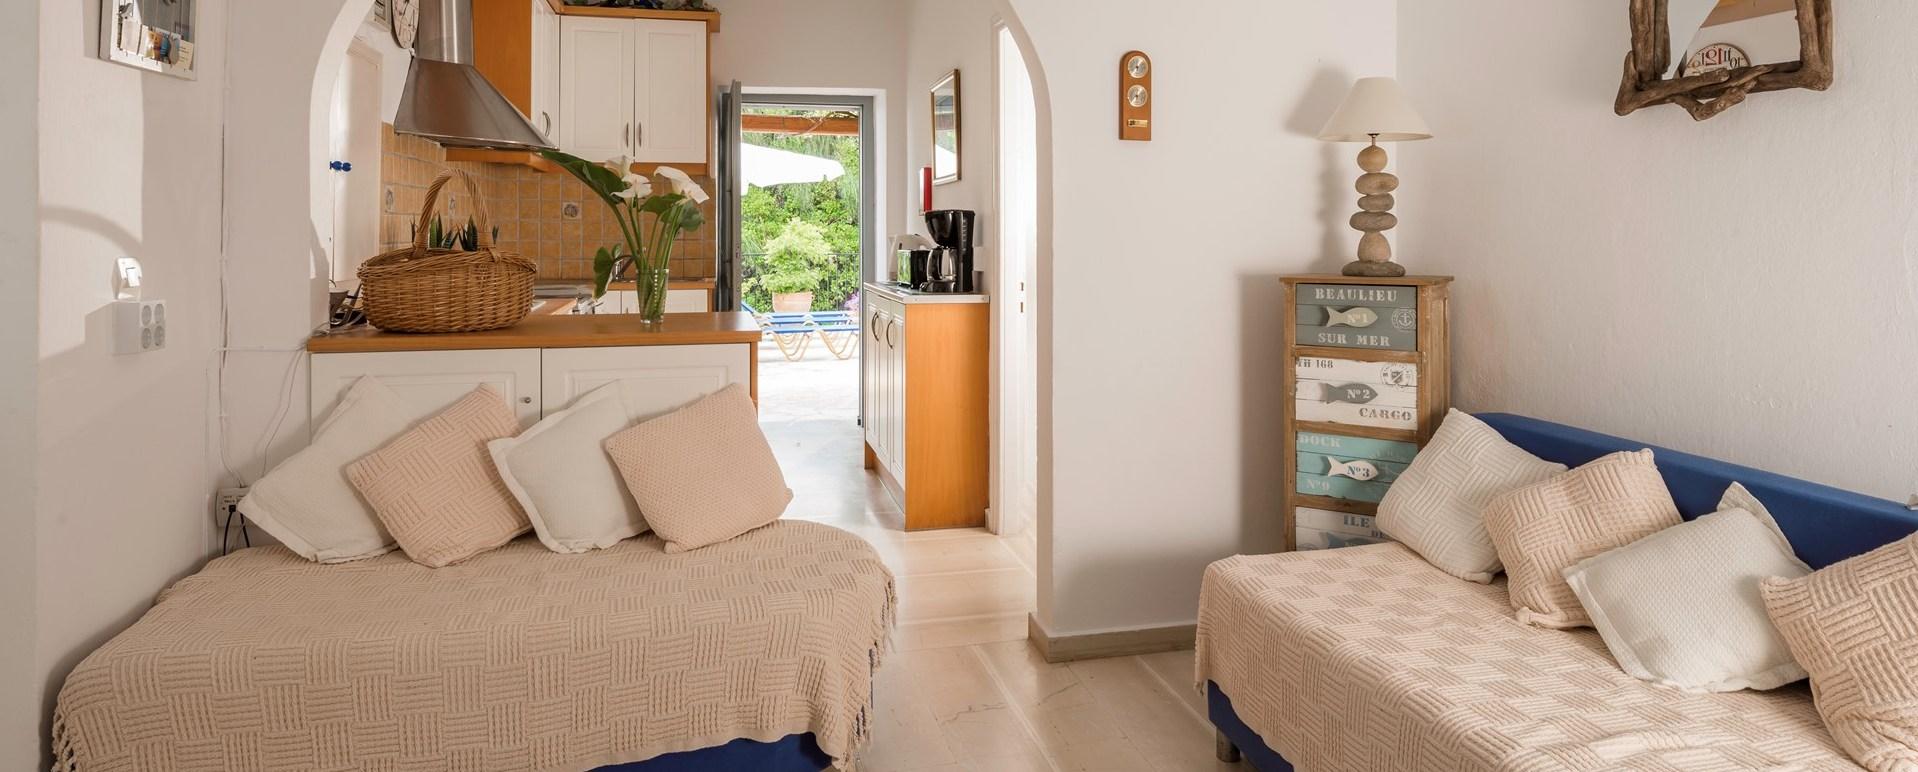 great-value-3-bed-villa-corfu